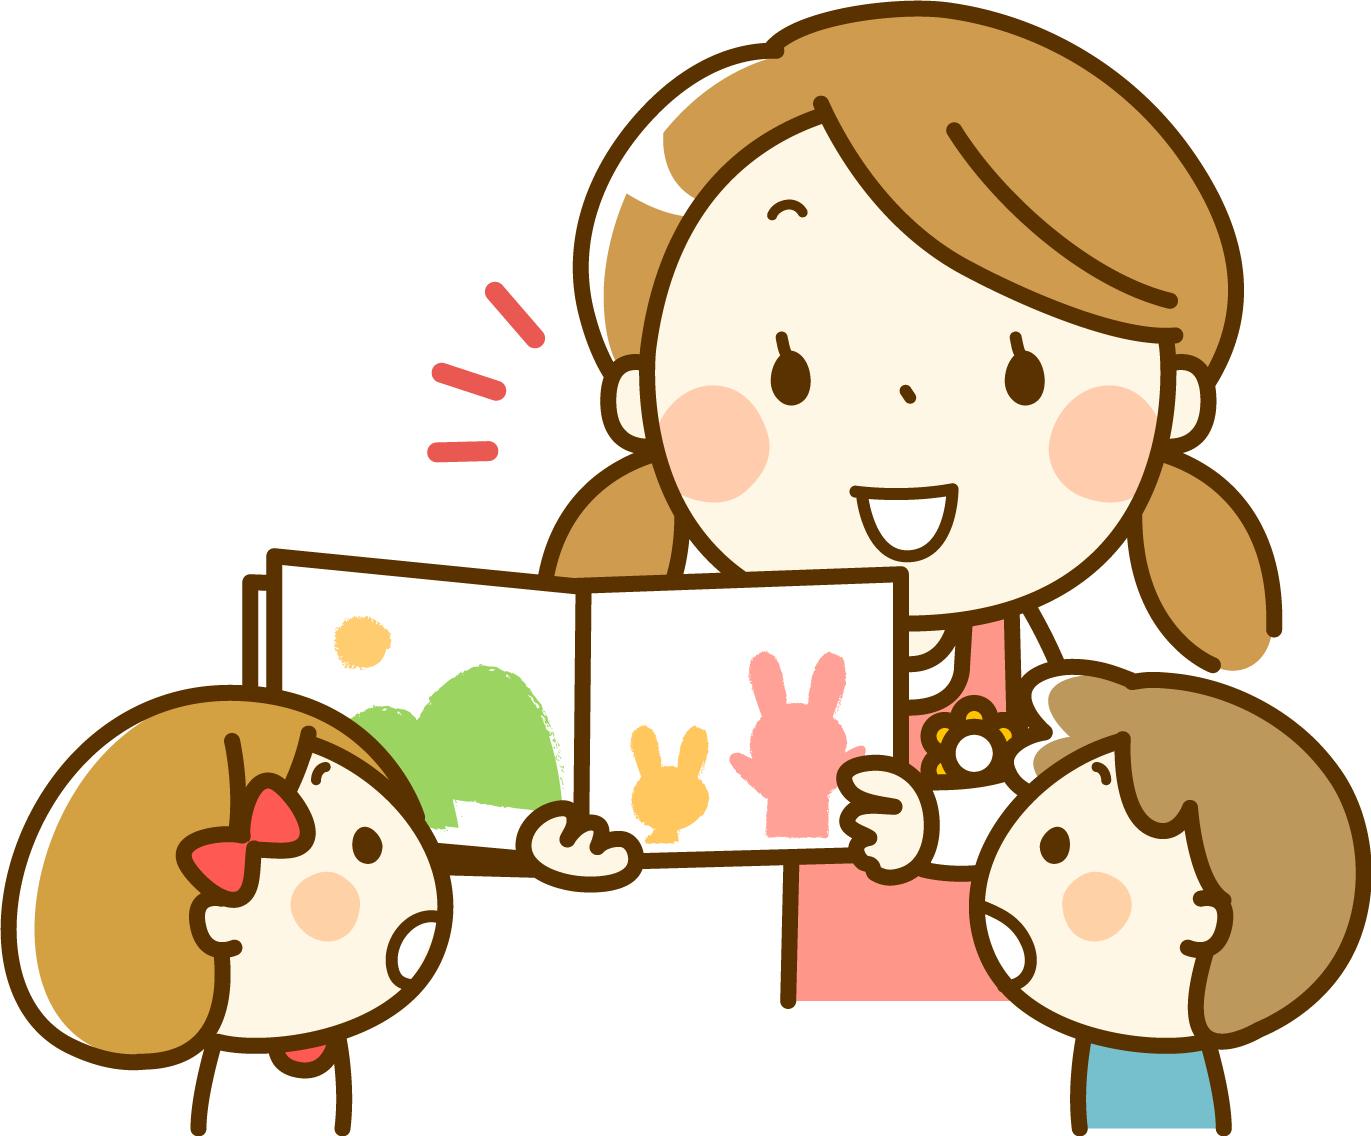 【福岡市中央区】直接雇用のパート求人♪4月スタート!『週3日』勤務!残業なし!通勤に便利な保育園♪